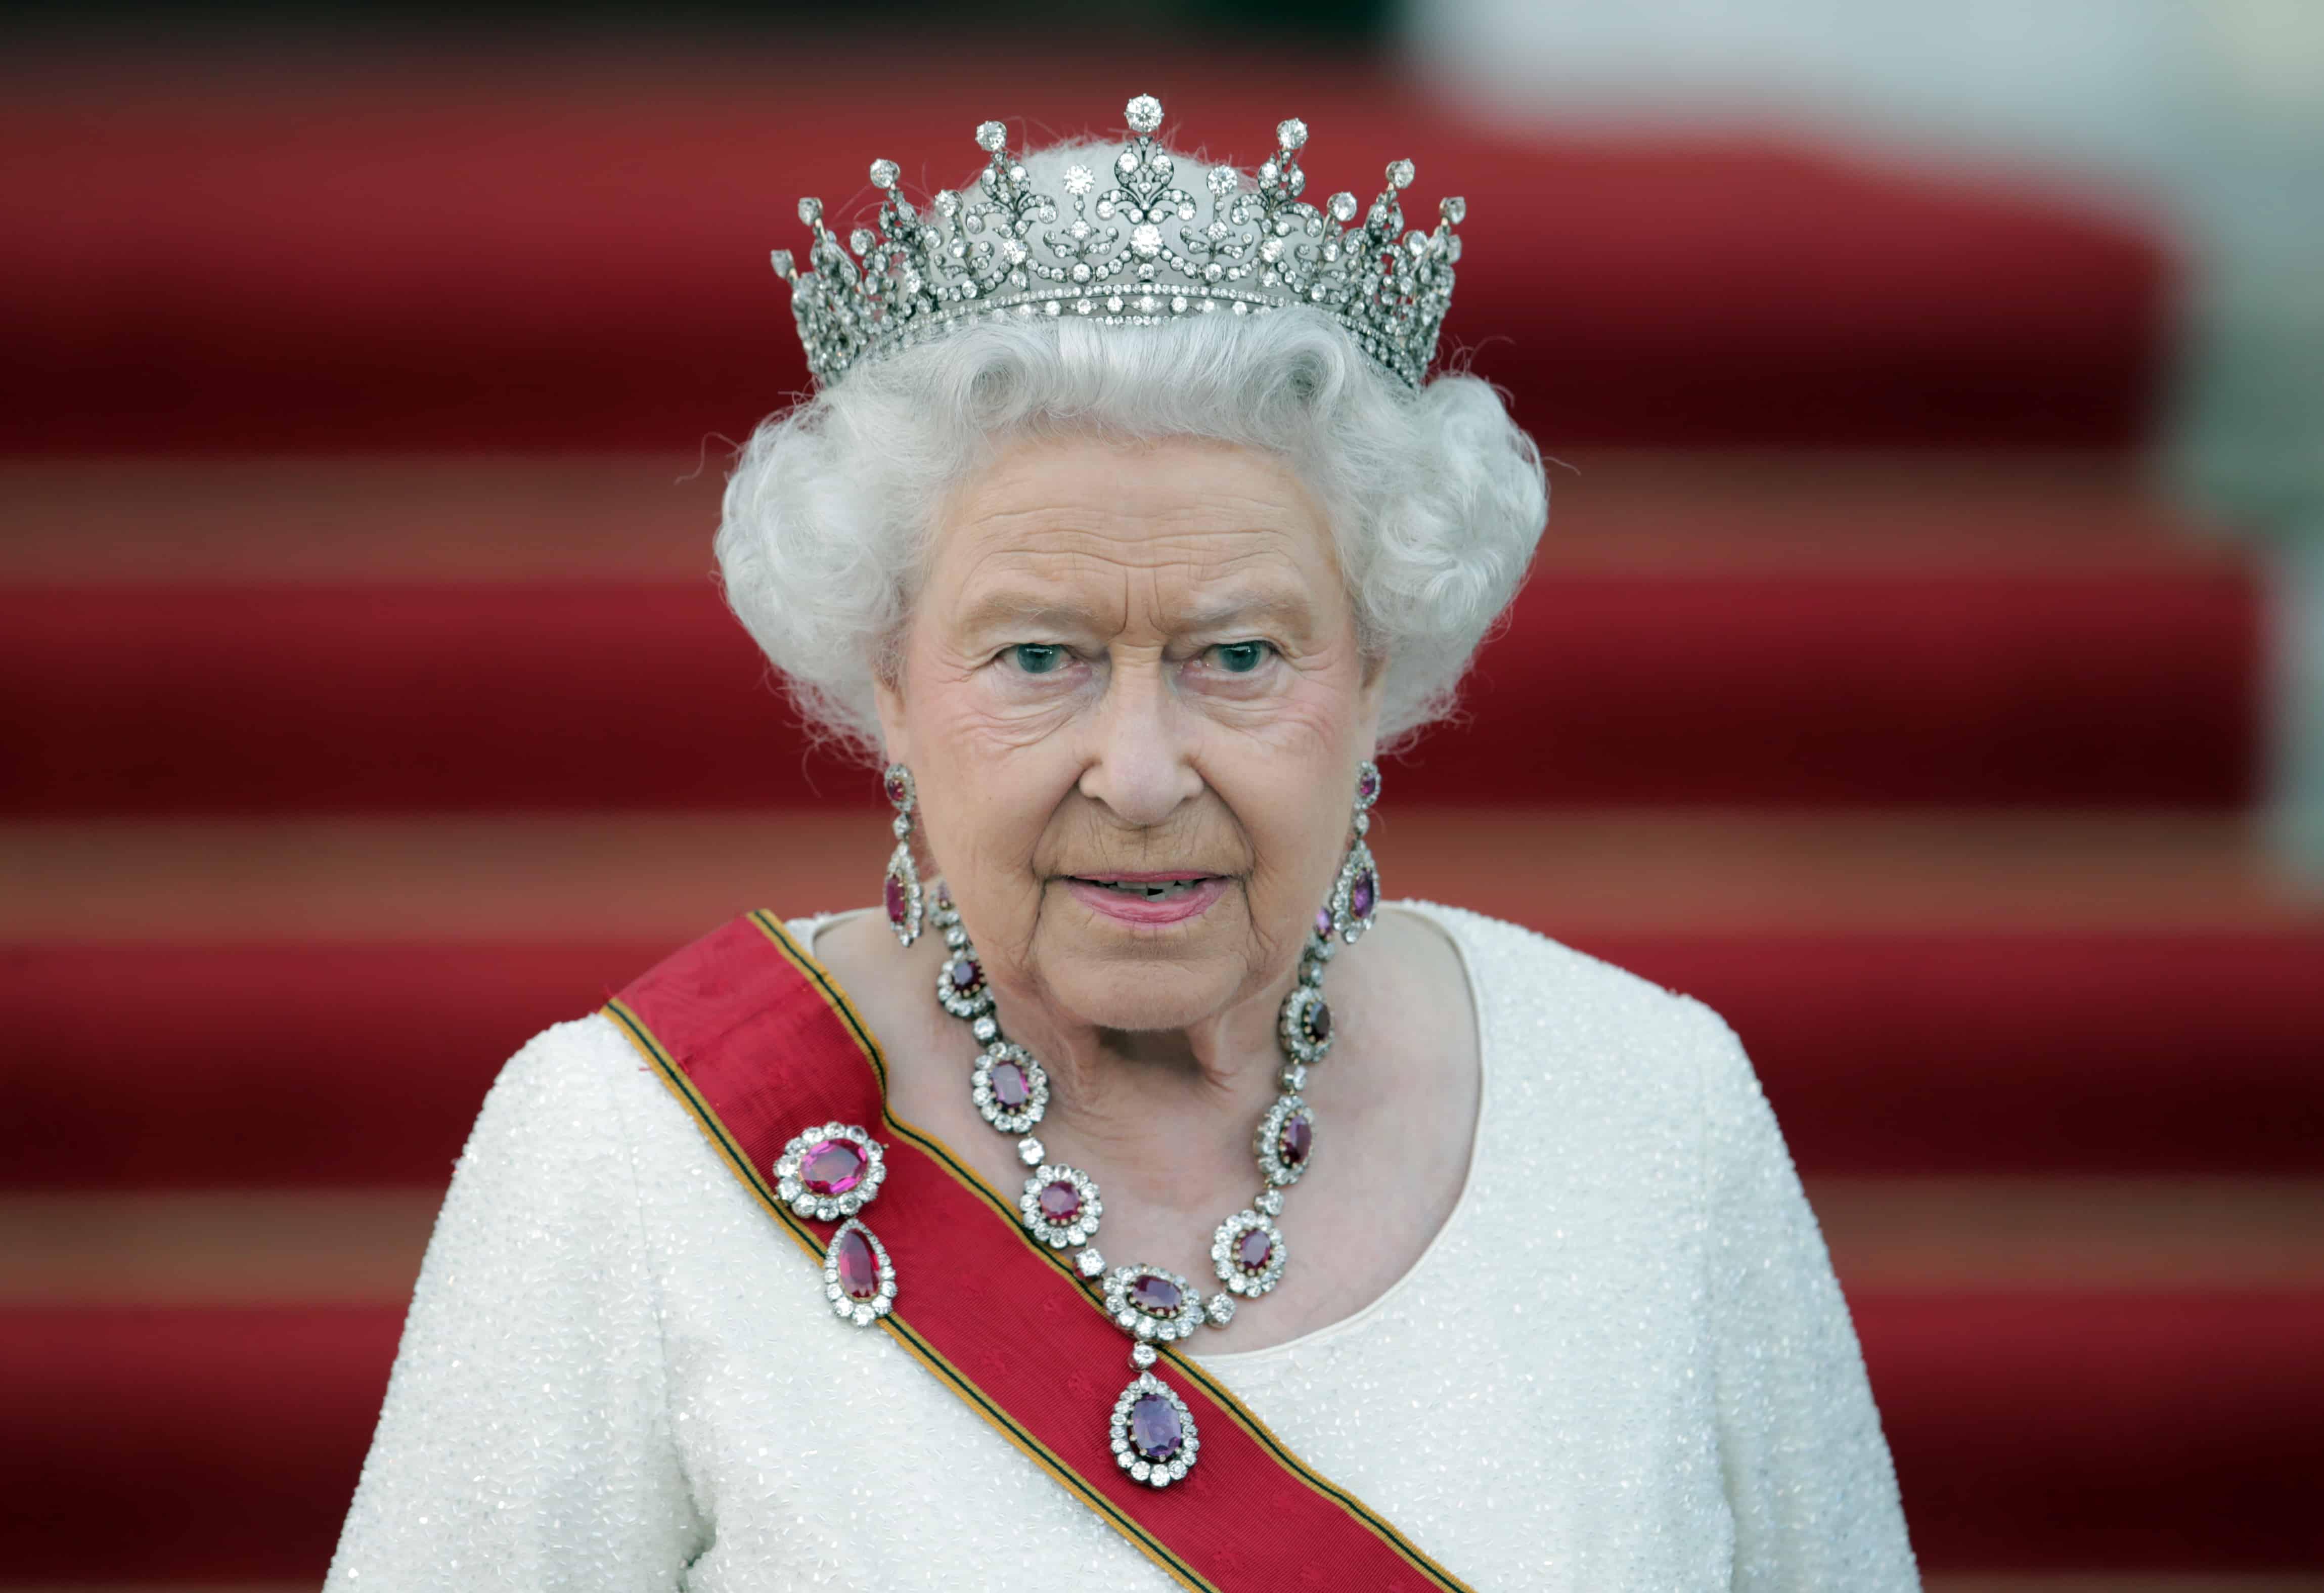 Royals: Das sind die reichsten Königsfamilien der Welt